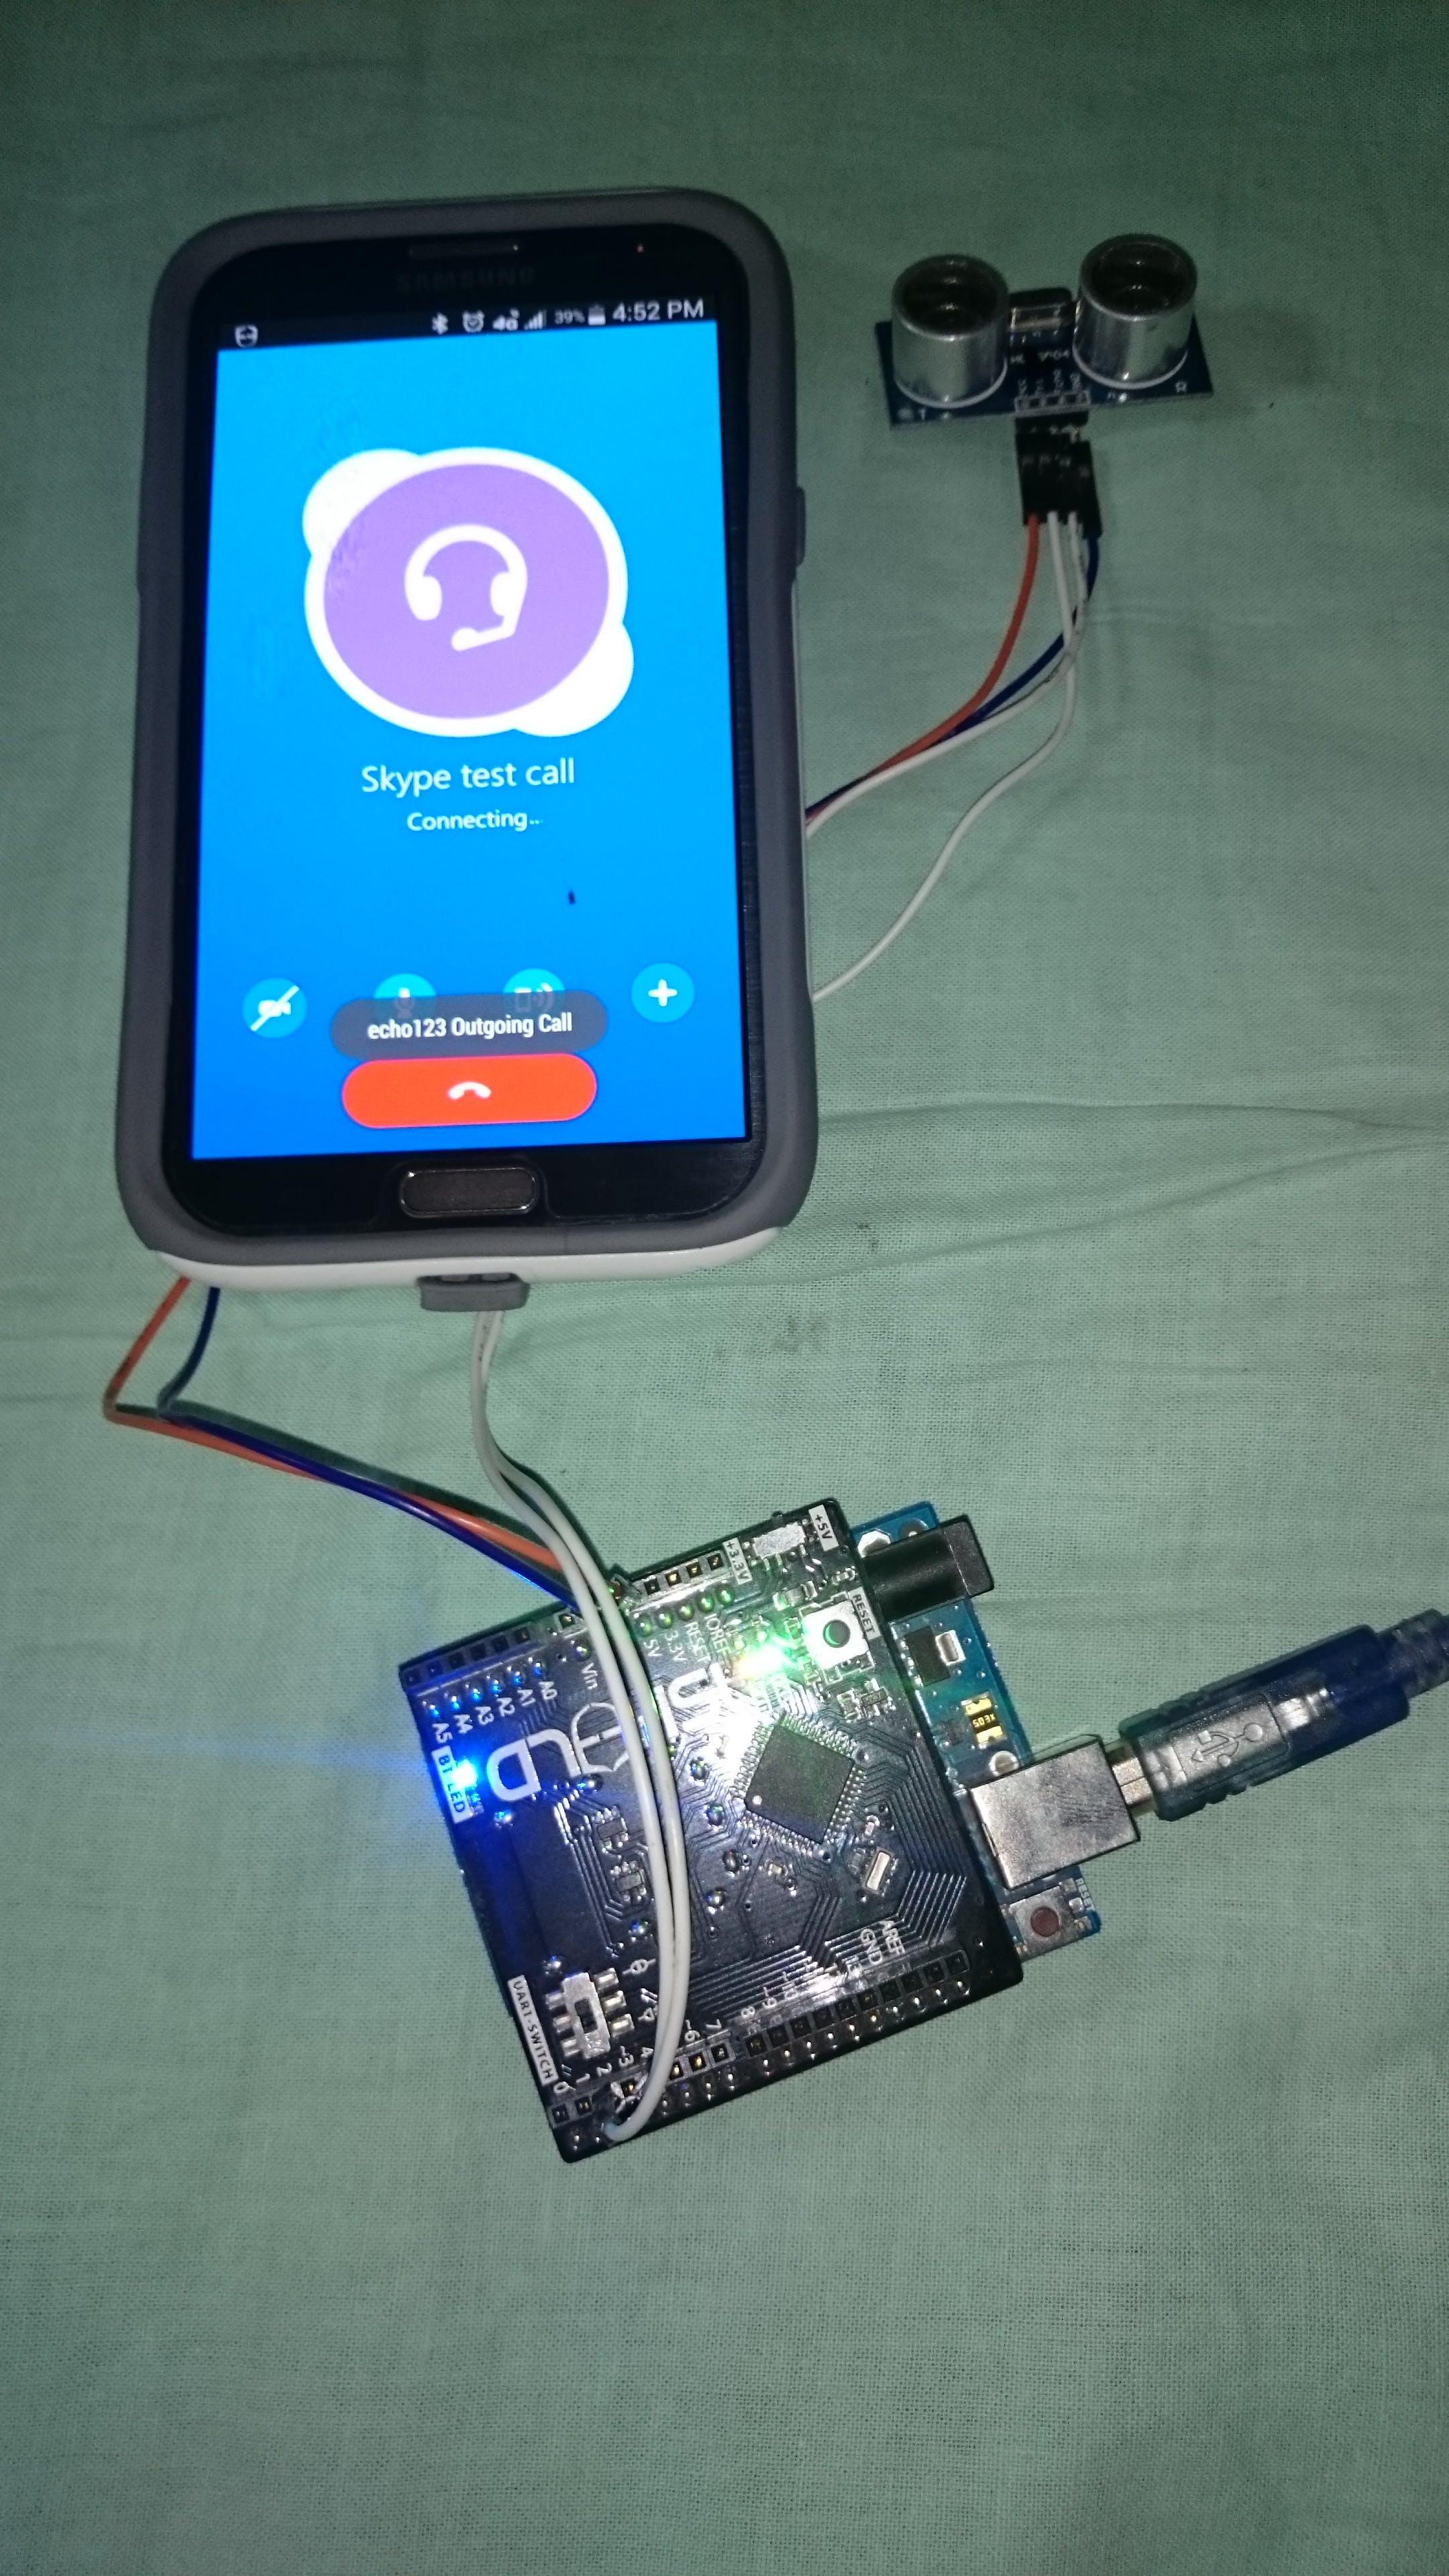 Home surveillance system using skype calls